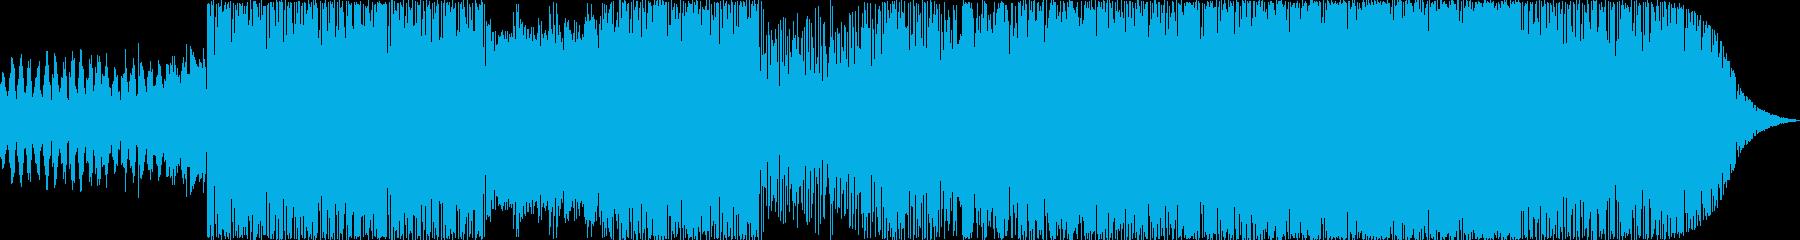 浮遊感と疾走感のあるドラムンベースの再生済みの波形